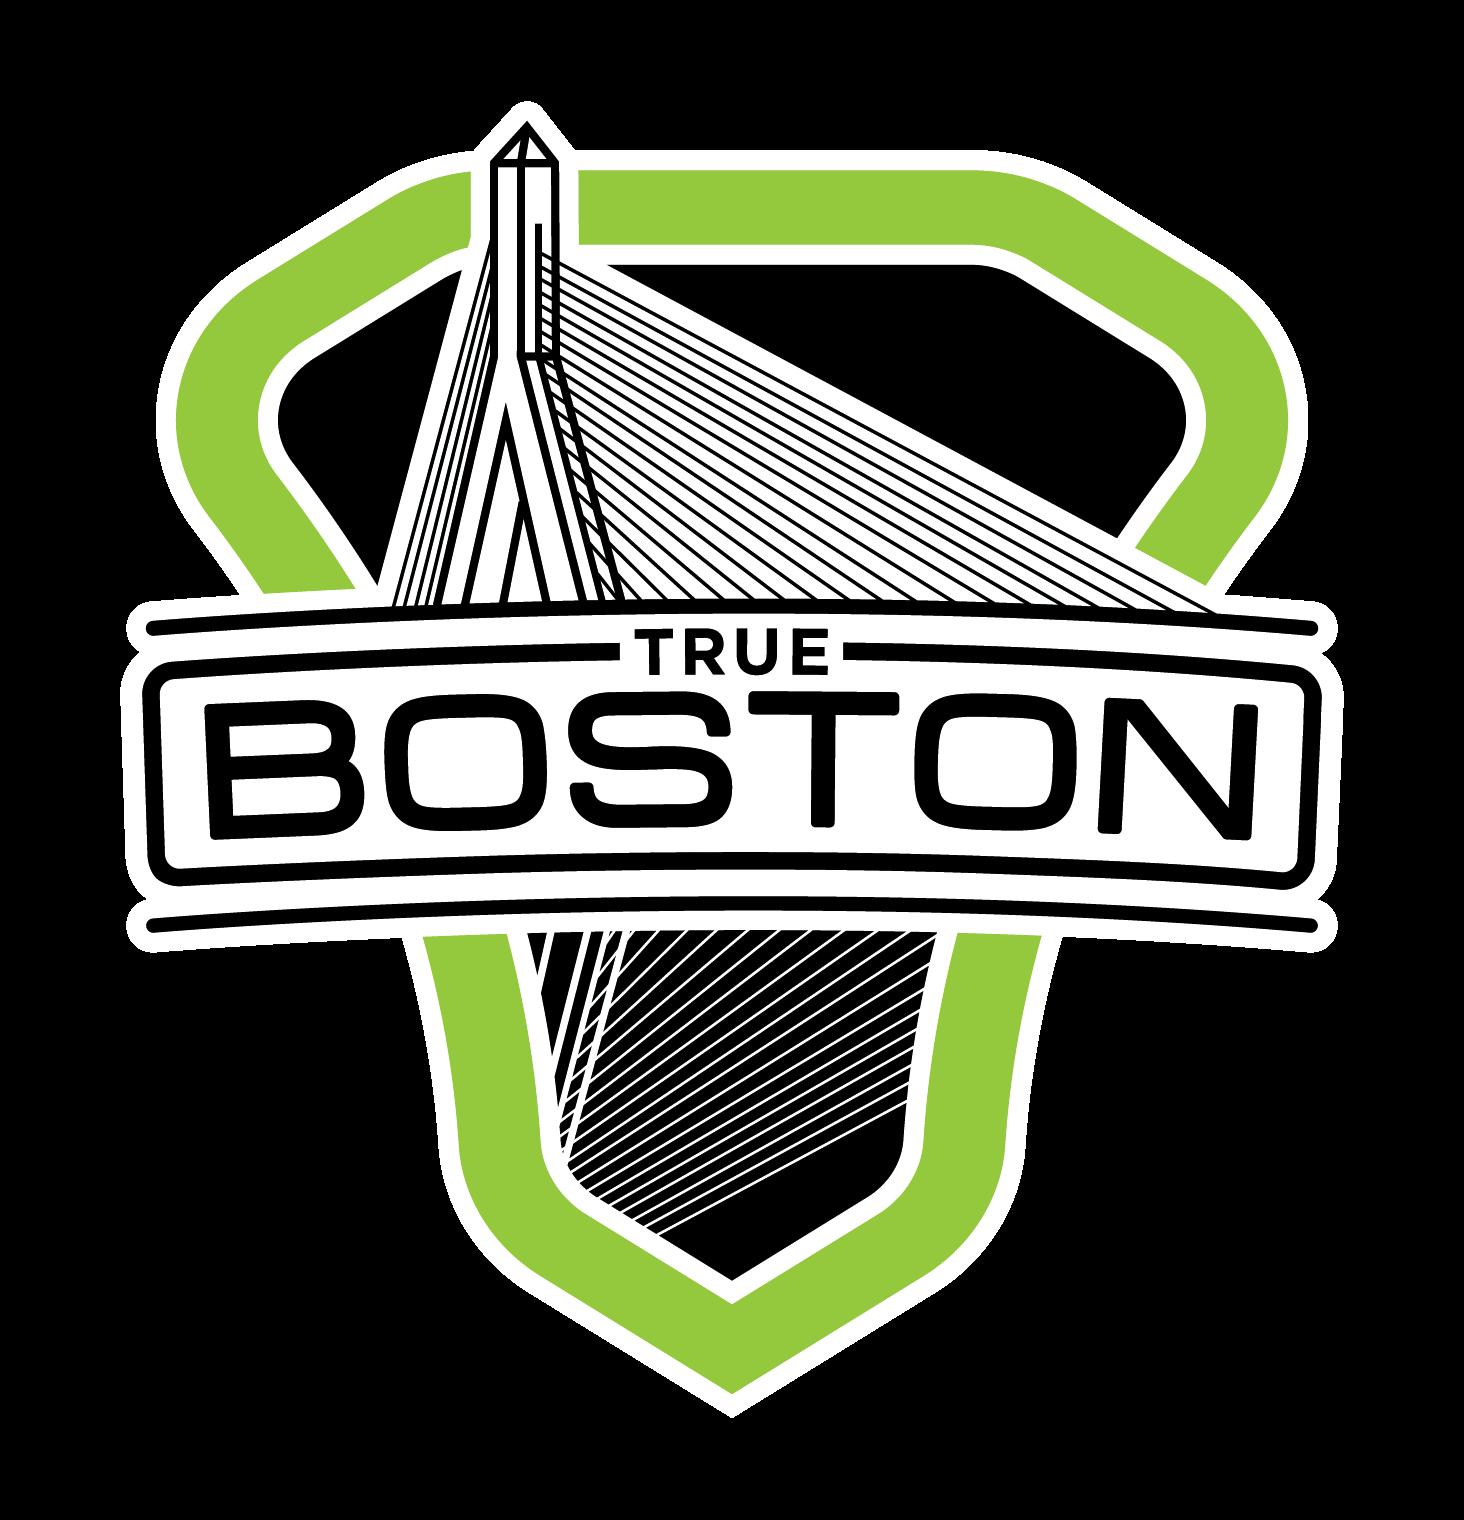 True-Boston-Official-Logo